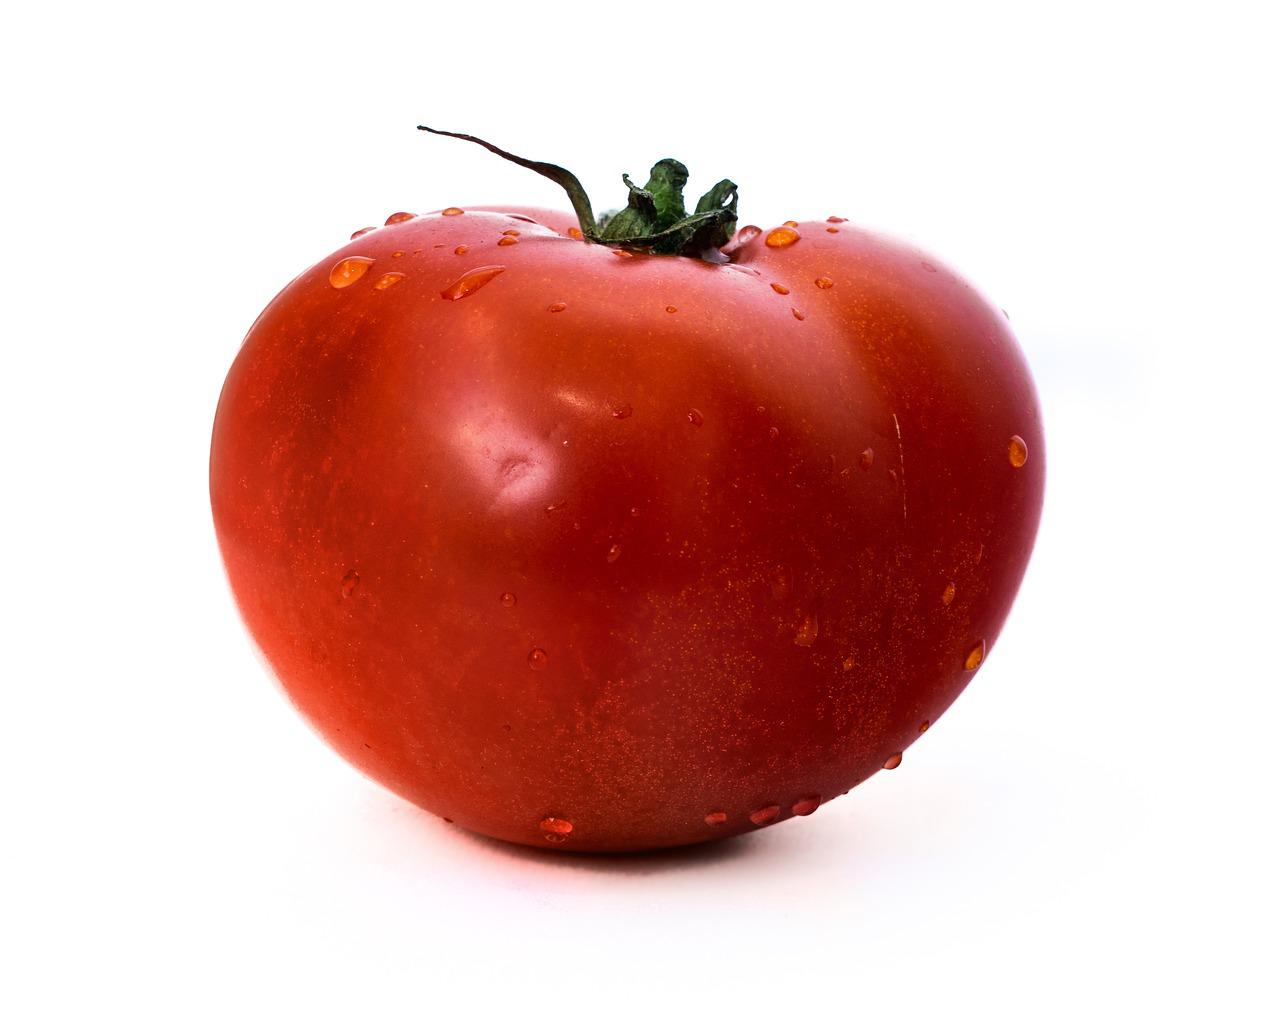 картинка томат на белом фоне